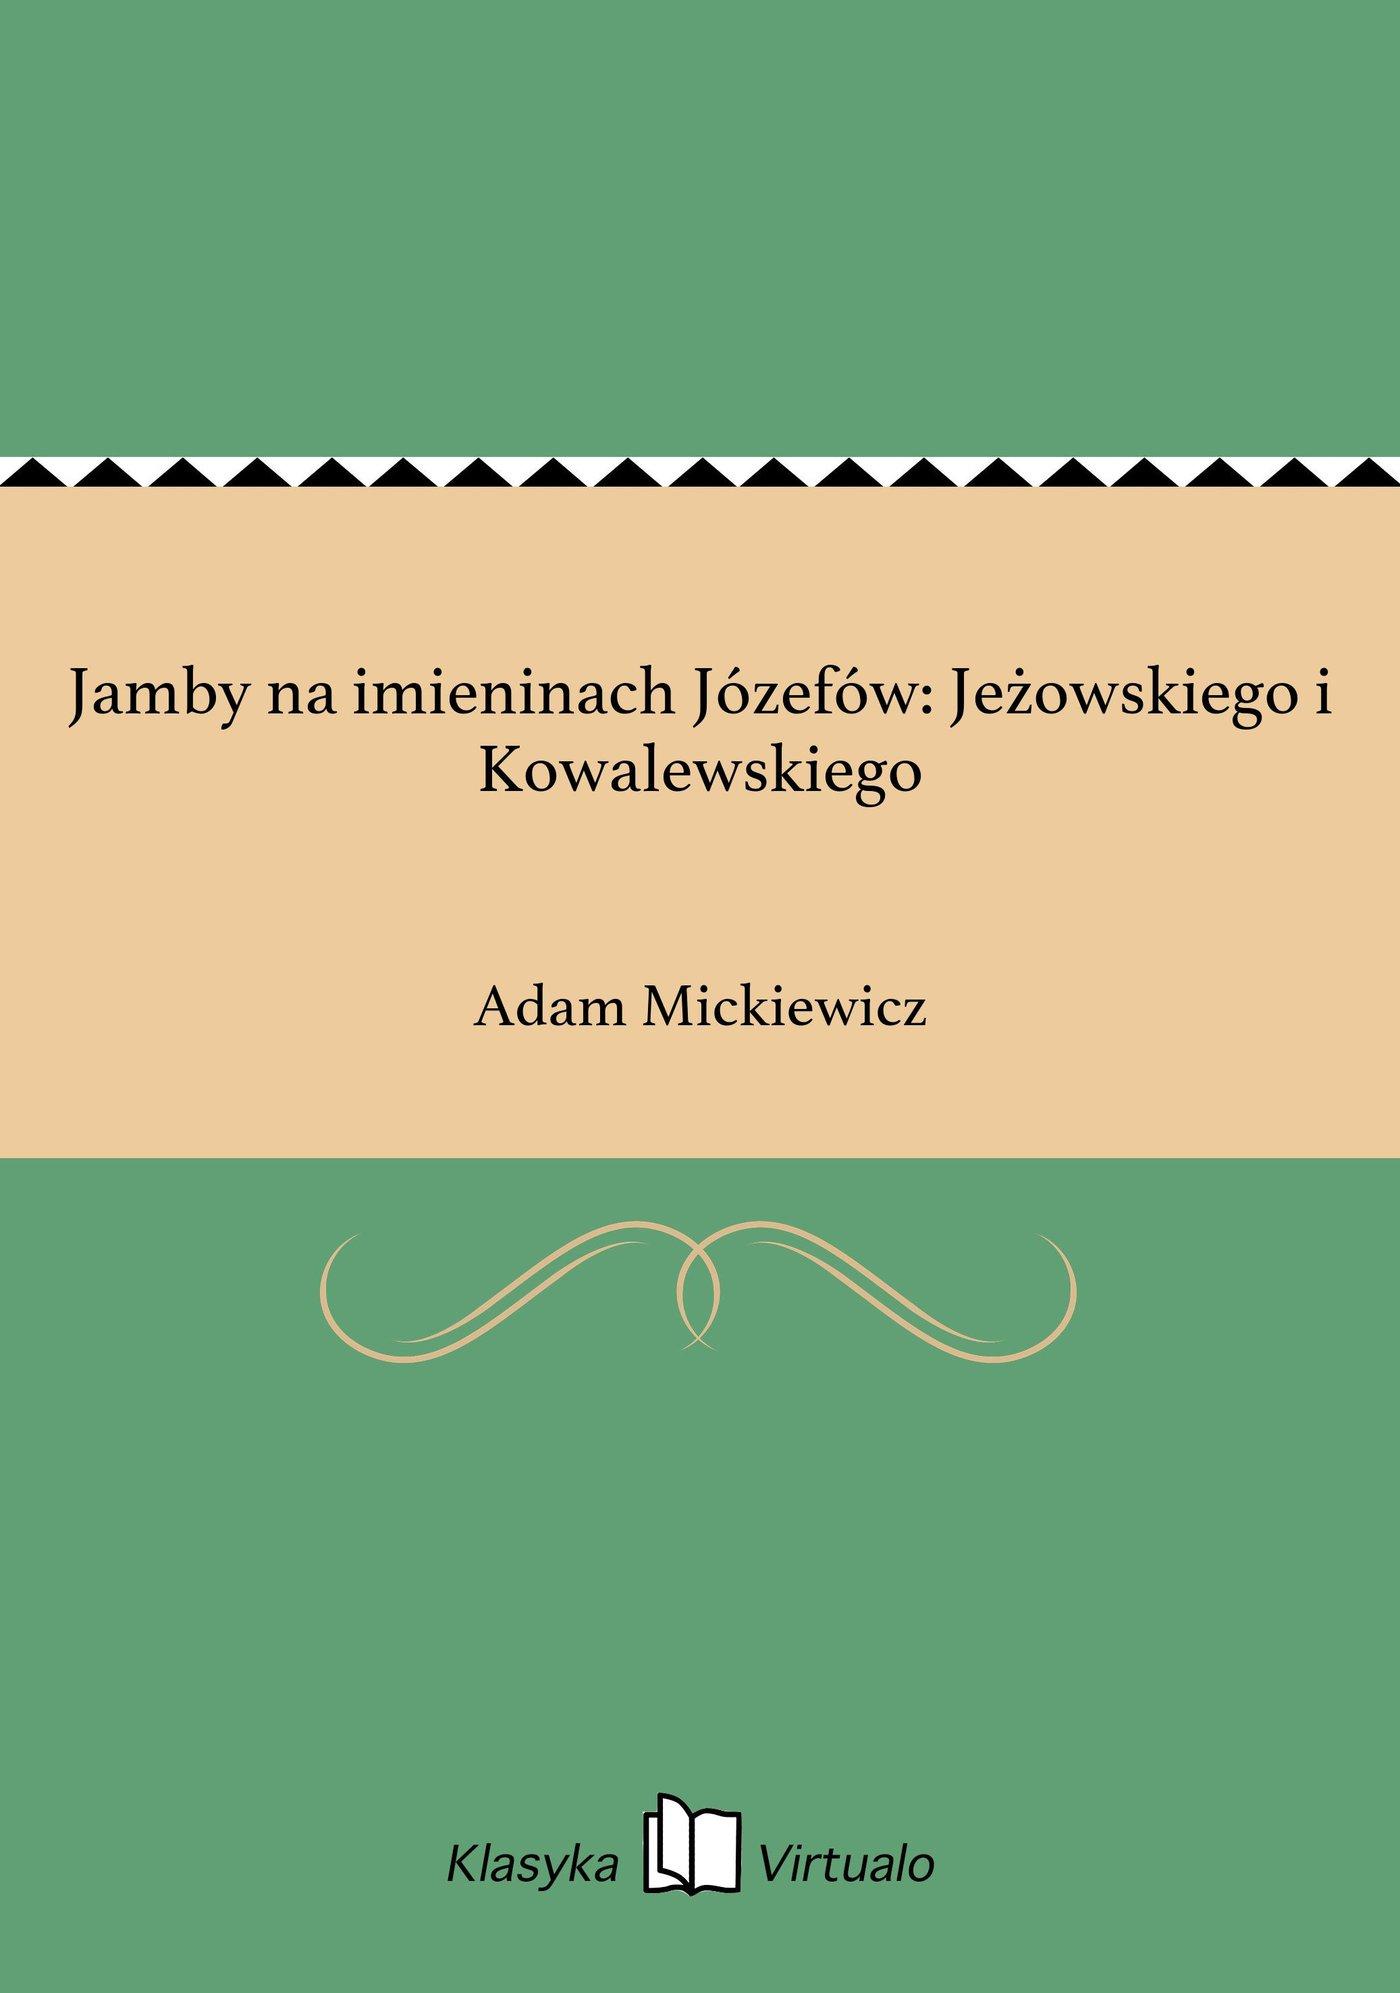 Jamby na imieninach Józefów: Jeżowskiego i Kowalewskiego - Ebook (Książka EPUB) do pobrania w formacie EPUB